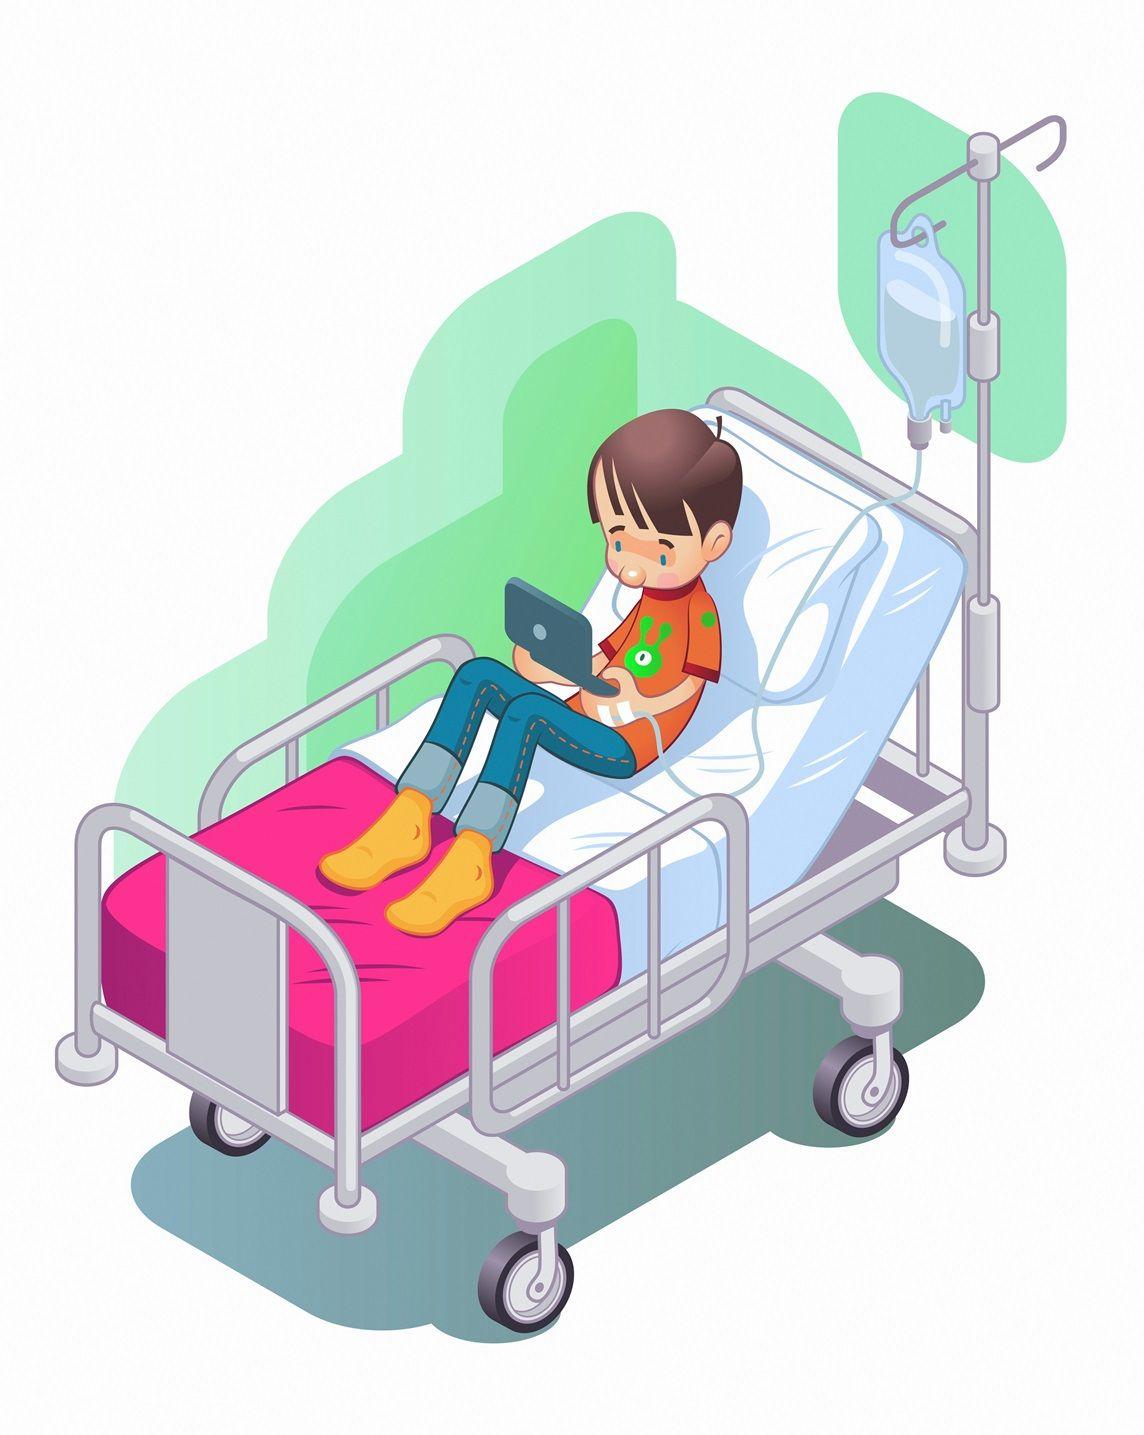 Boy On Iv Drip In Hospital Boy Hospital Illustration Children Illustration Illustration Drip Art